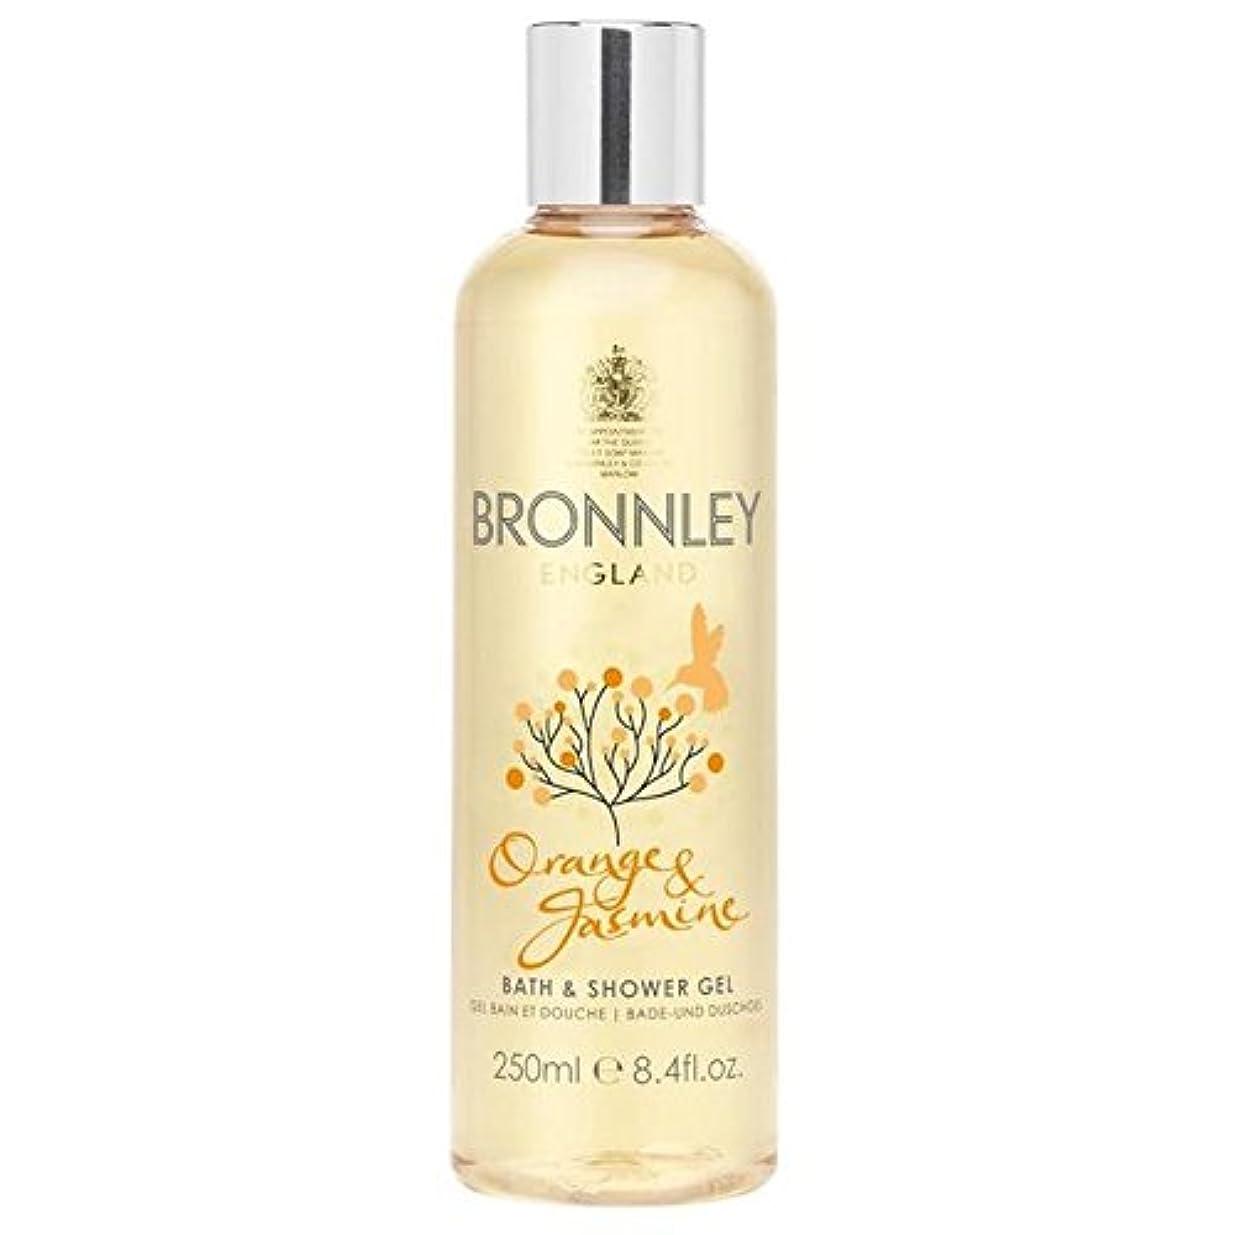 欠陥バケツ笑オレンジ&ジャスミンバス&シャワージェル250ミリリットル x2 - Bronnley Orange & Jasmine Bath & Shower Gel 250ml (Pack of 2) [並行輸入品]